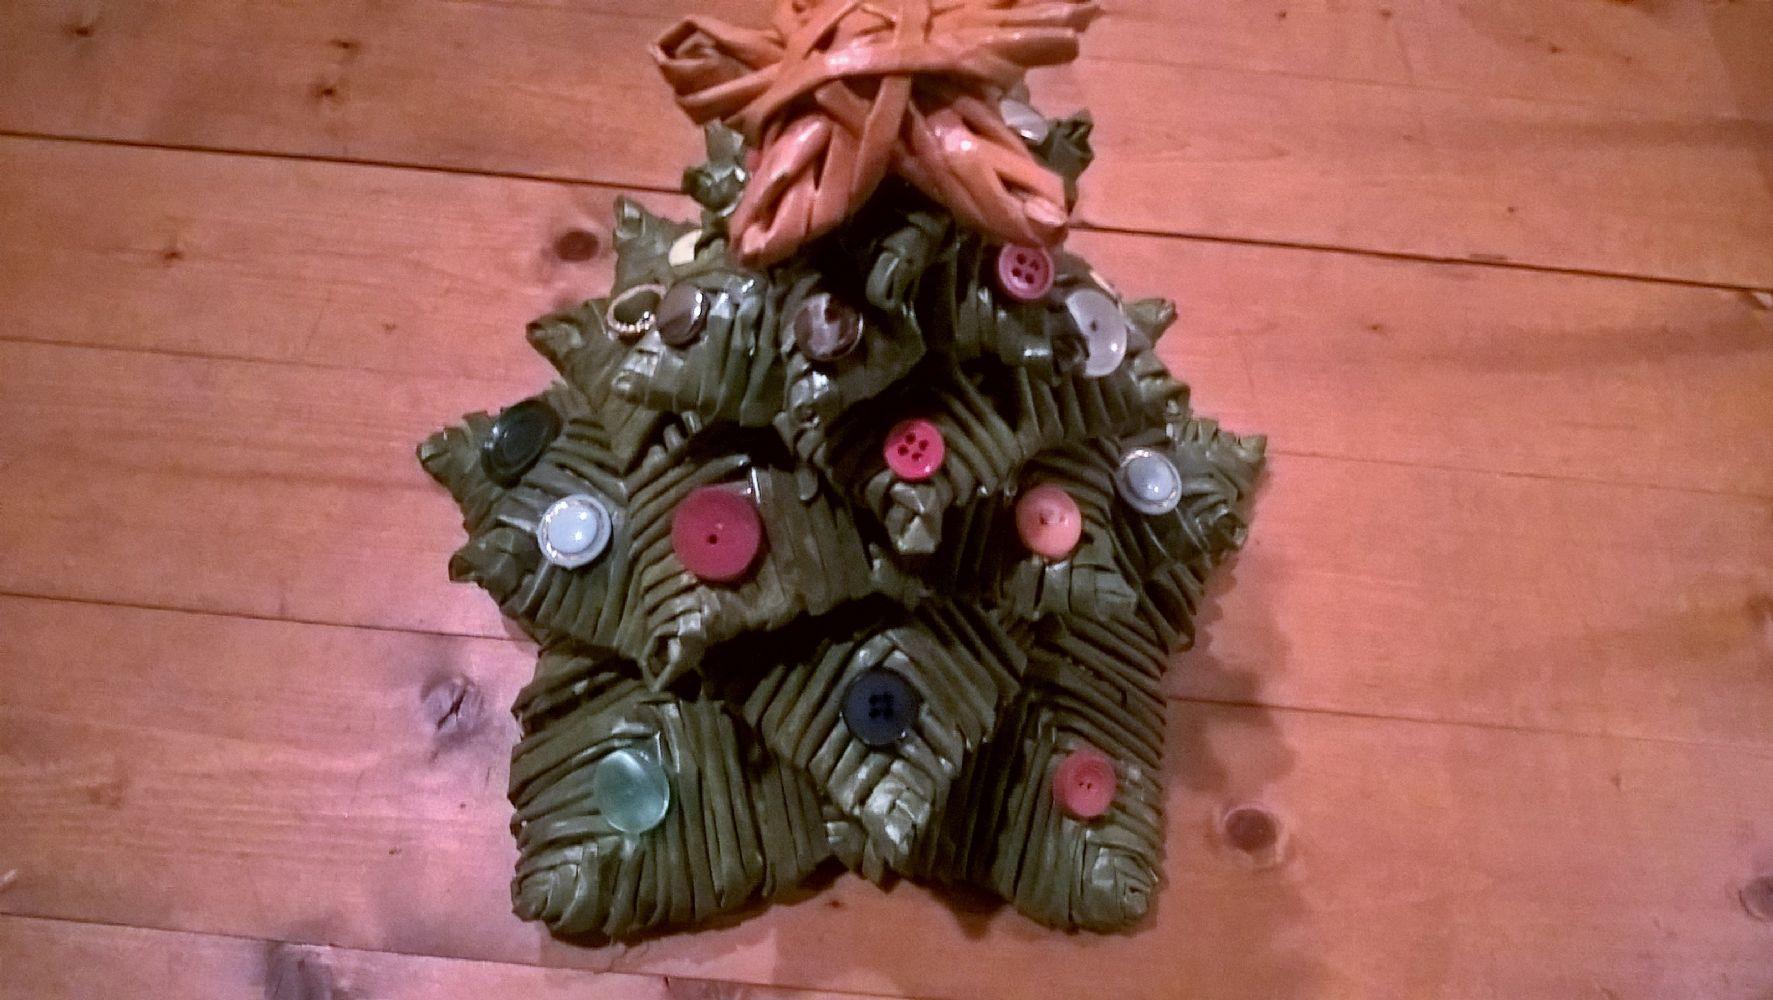 Albero Di Natale Con Cannucce Di Carta.Baratto Scambio Albero Di Natale Autoproduzione Lavoretti A